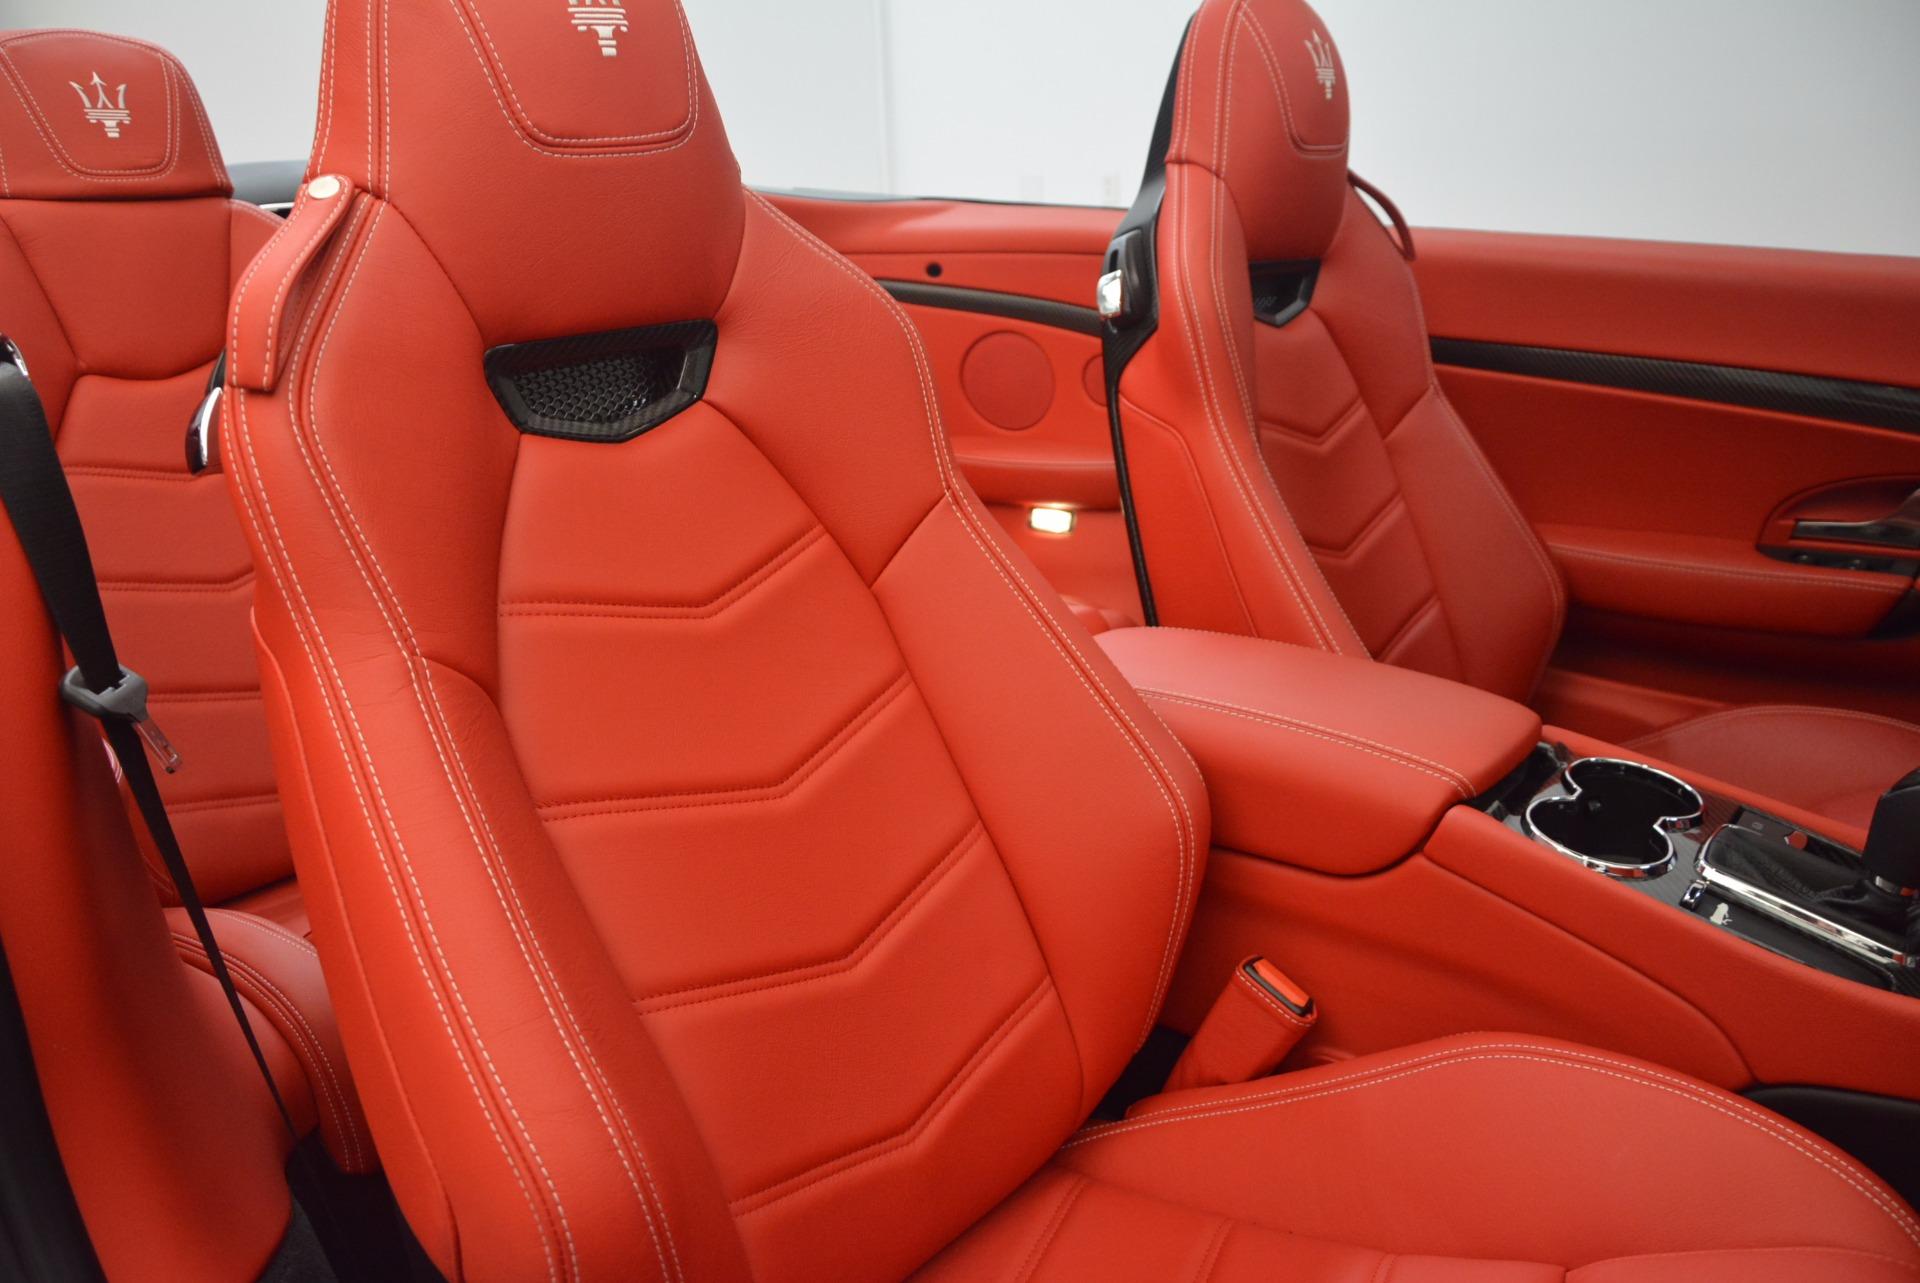 Used 2015 Maserati GranTurismo MC For Sale In Greenwich, CT 1135_p34